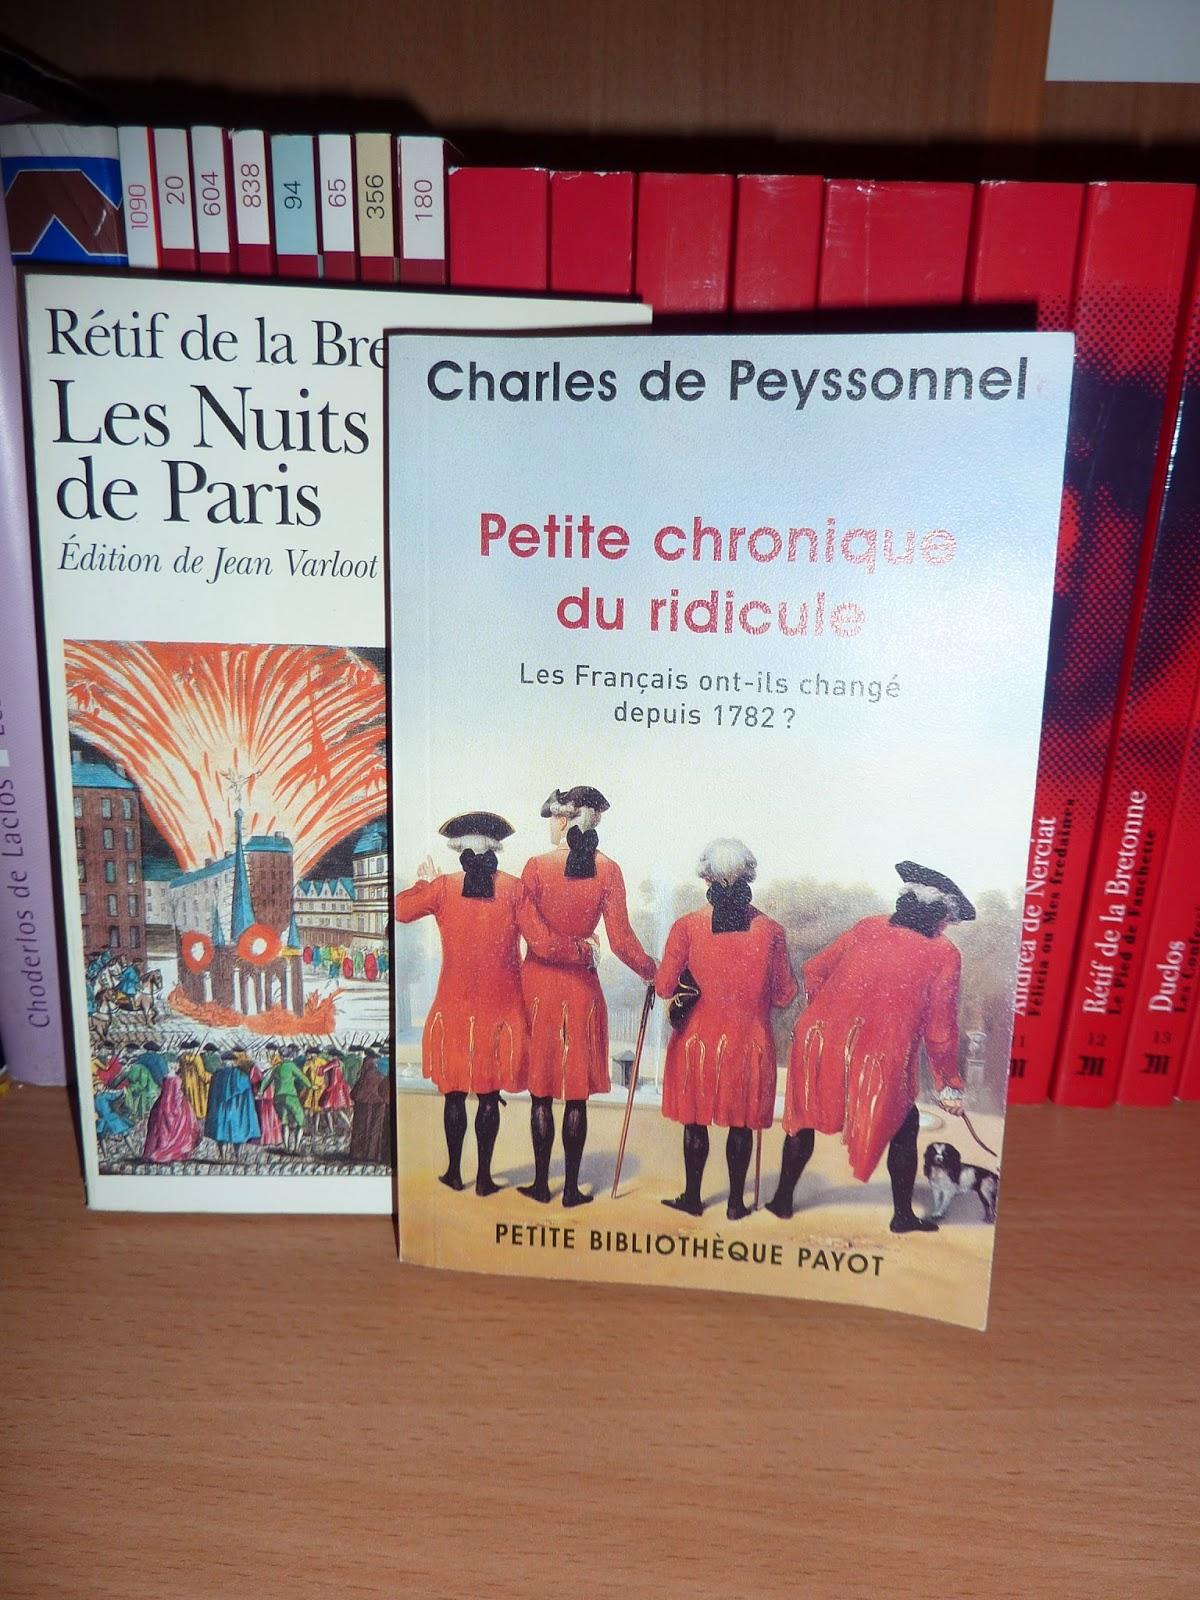 Petite chronique du ridicule - Charles de Peyssonnel